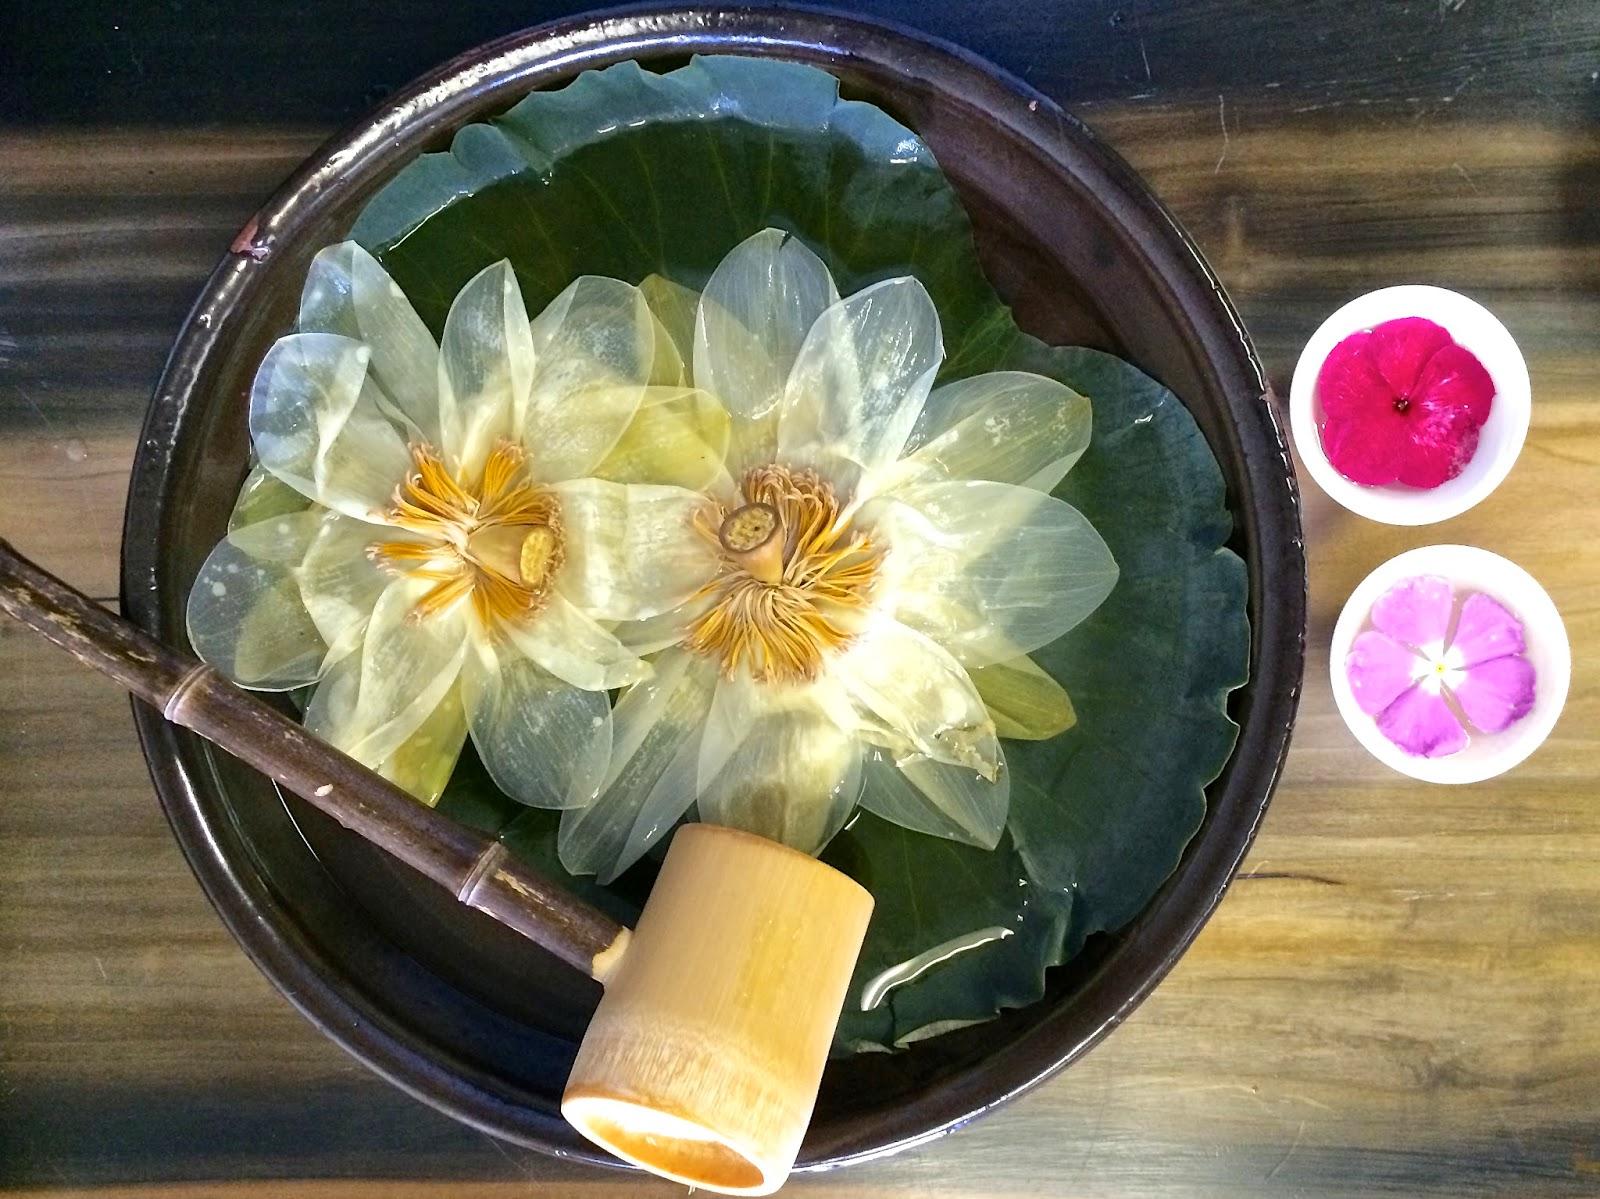 Handol Tearoom June 25th Tea Tasting Lotus Flower And Lotus